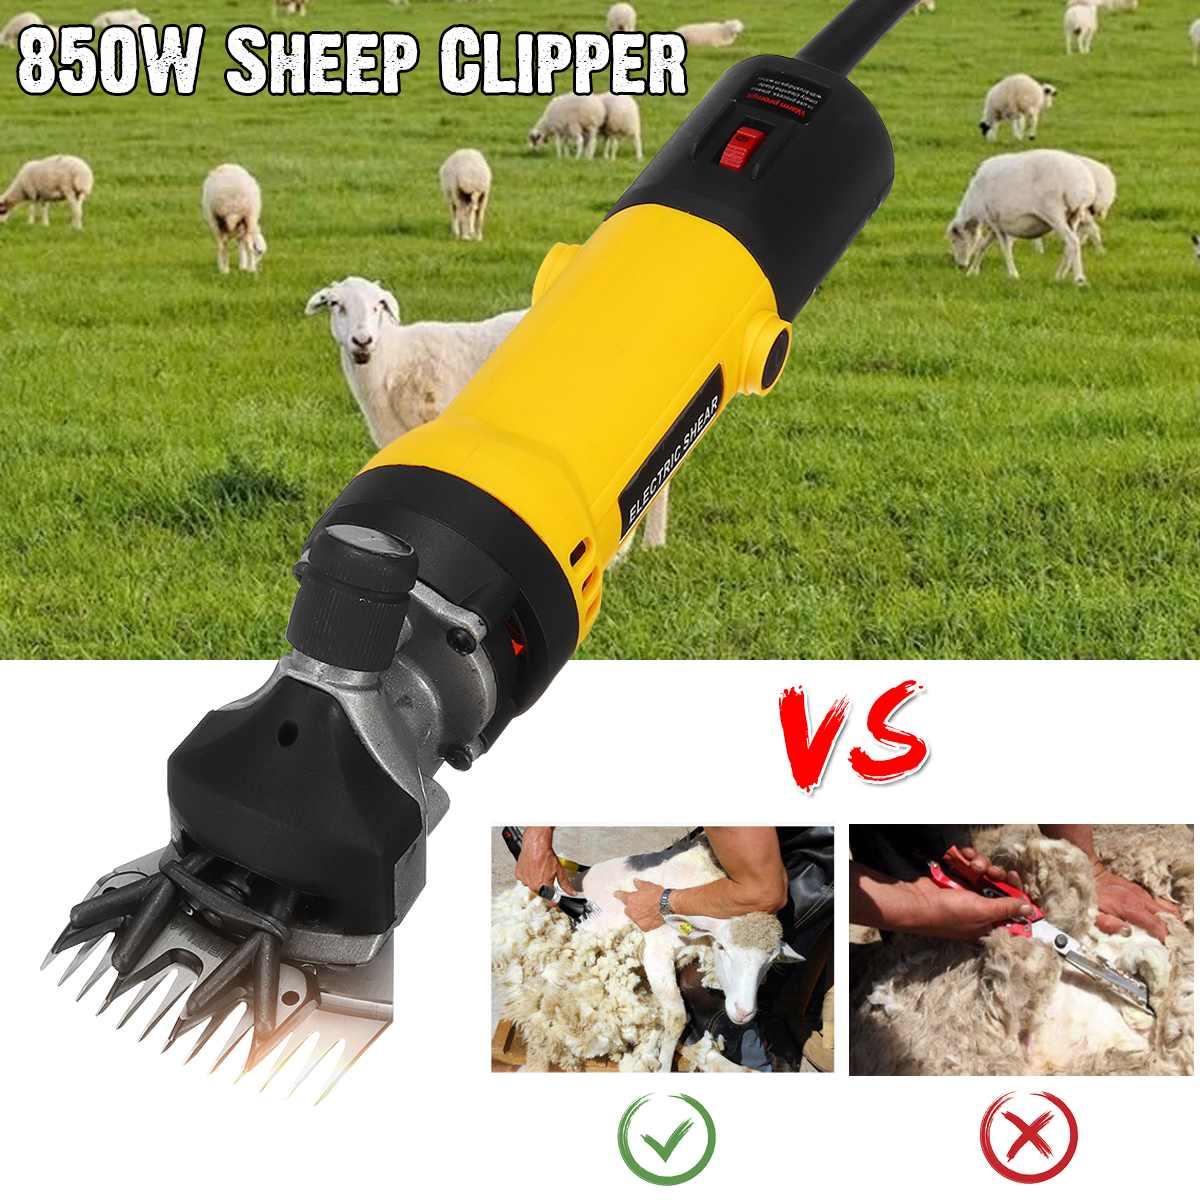 850 W Spina di UE Pecore Elettriche Peli di Animali Domestici Tagliatore di Taglio Kit di Lana a Taglio Taglio Taglio di Capra Animale Da Compagnia Forniture Agricole macchina di taglio